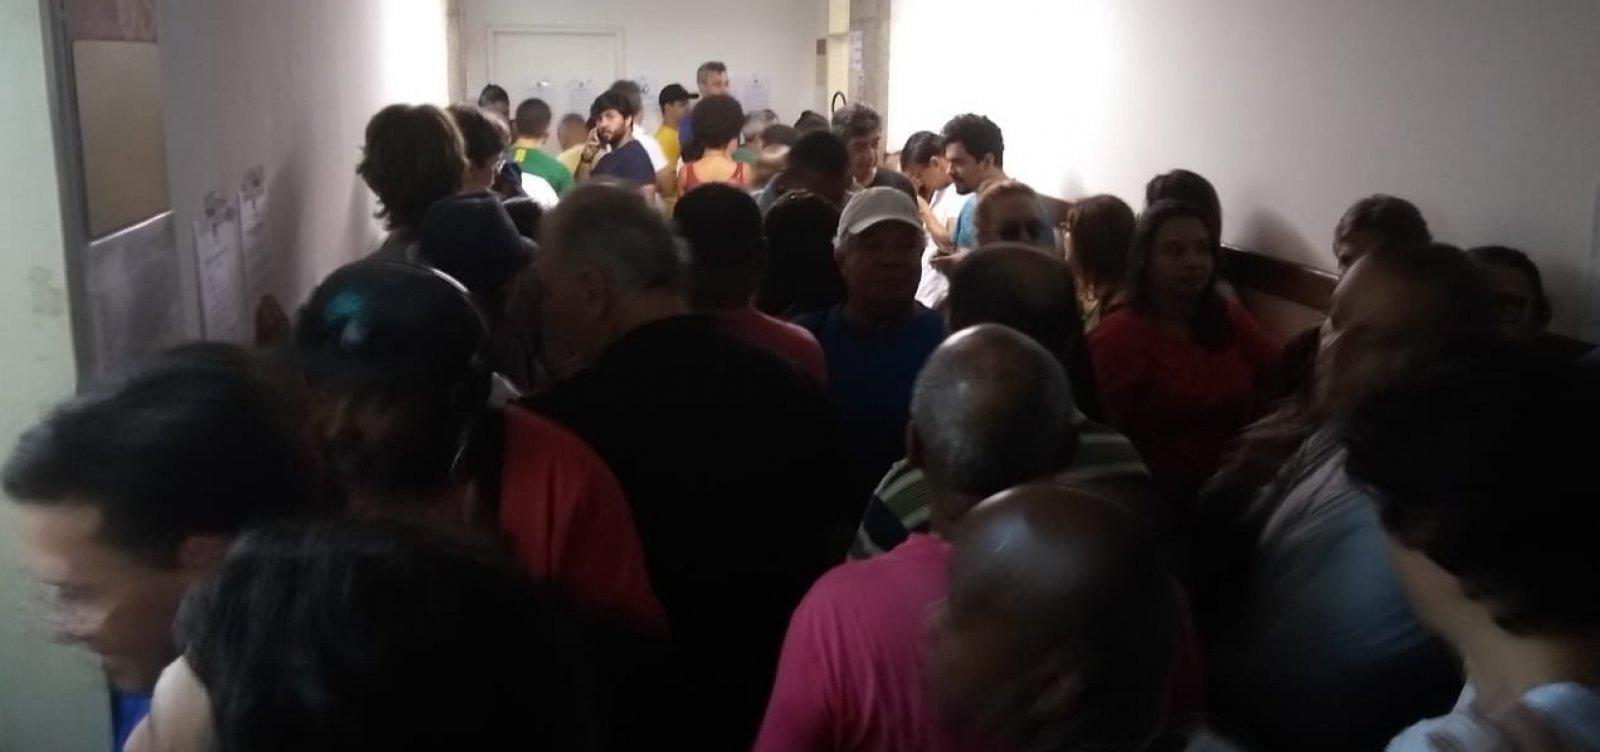 Eleitores enfrentam filas na Faculdade de Administração da Ufba